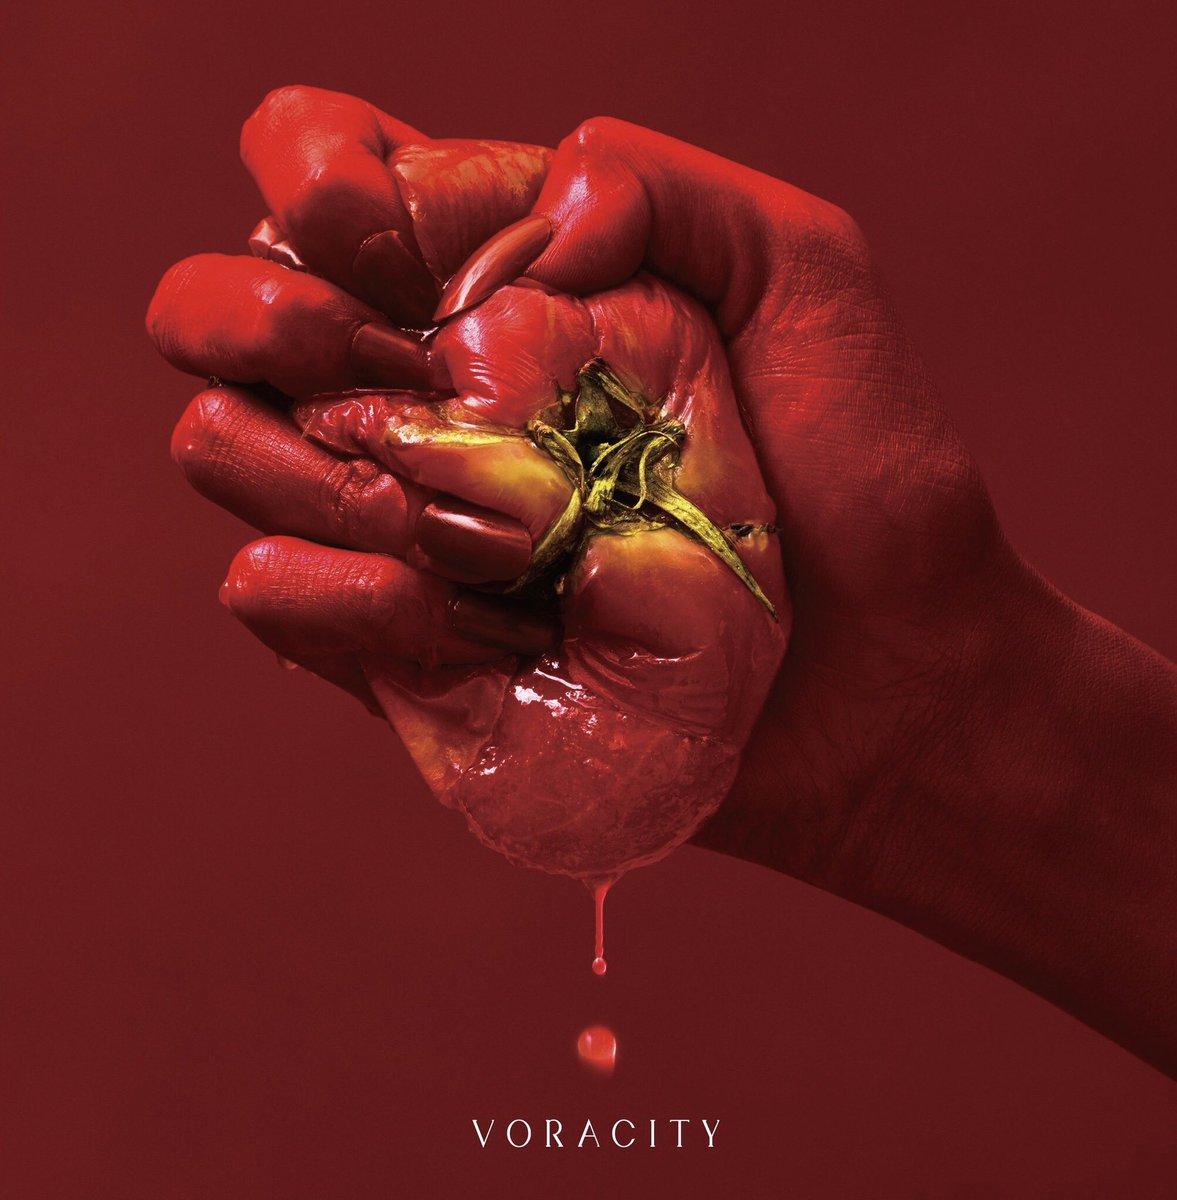 オーバーロードIII オープニングテーマ VORACITY に関する画像12